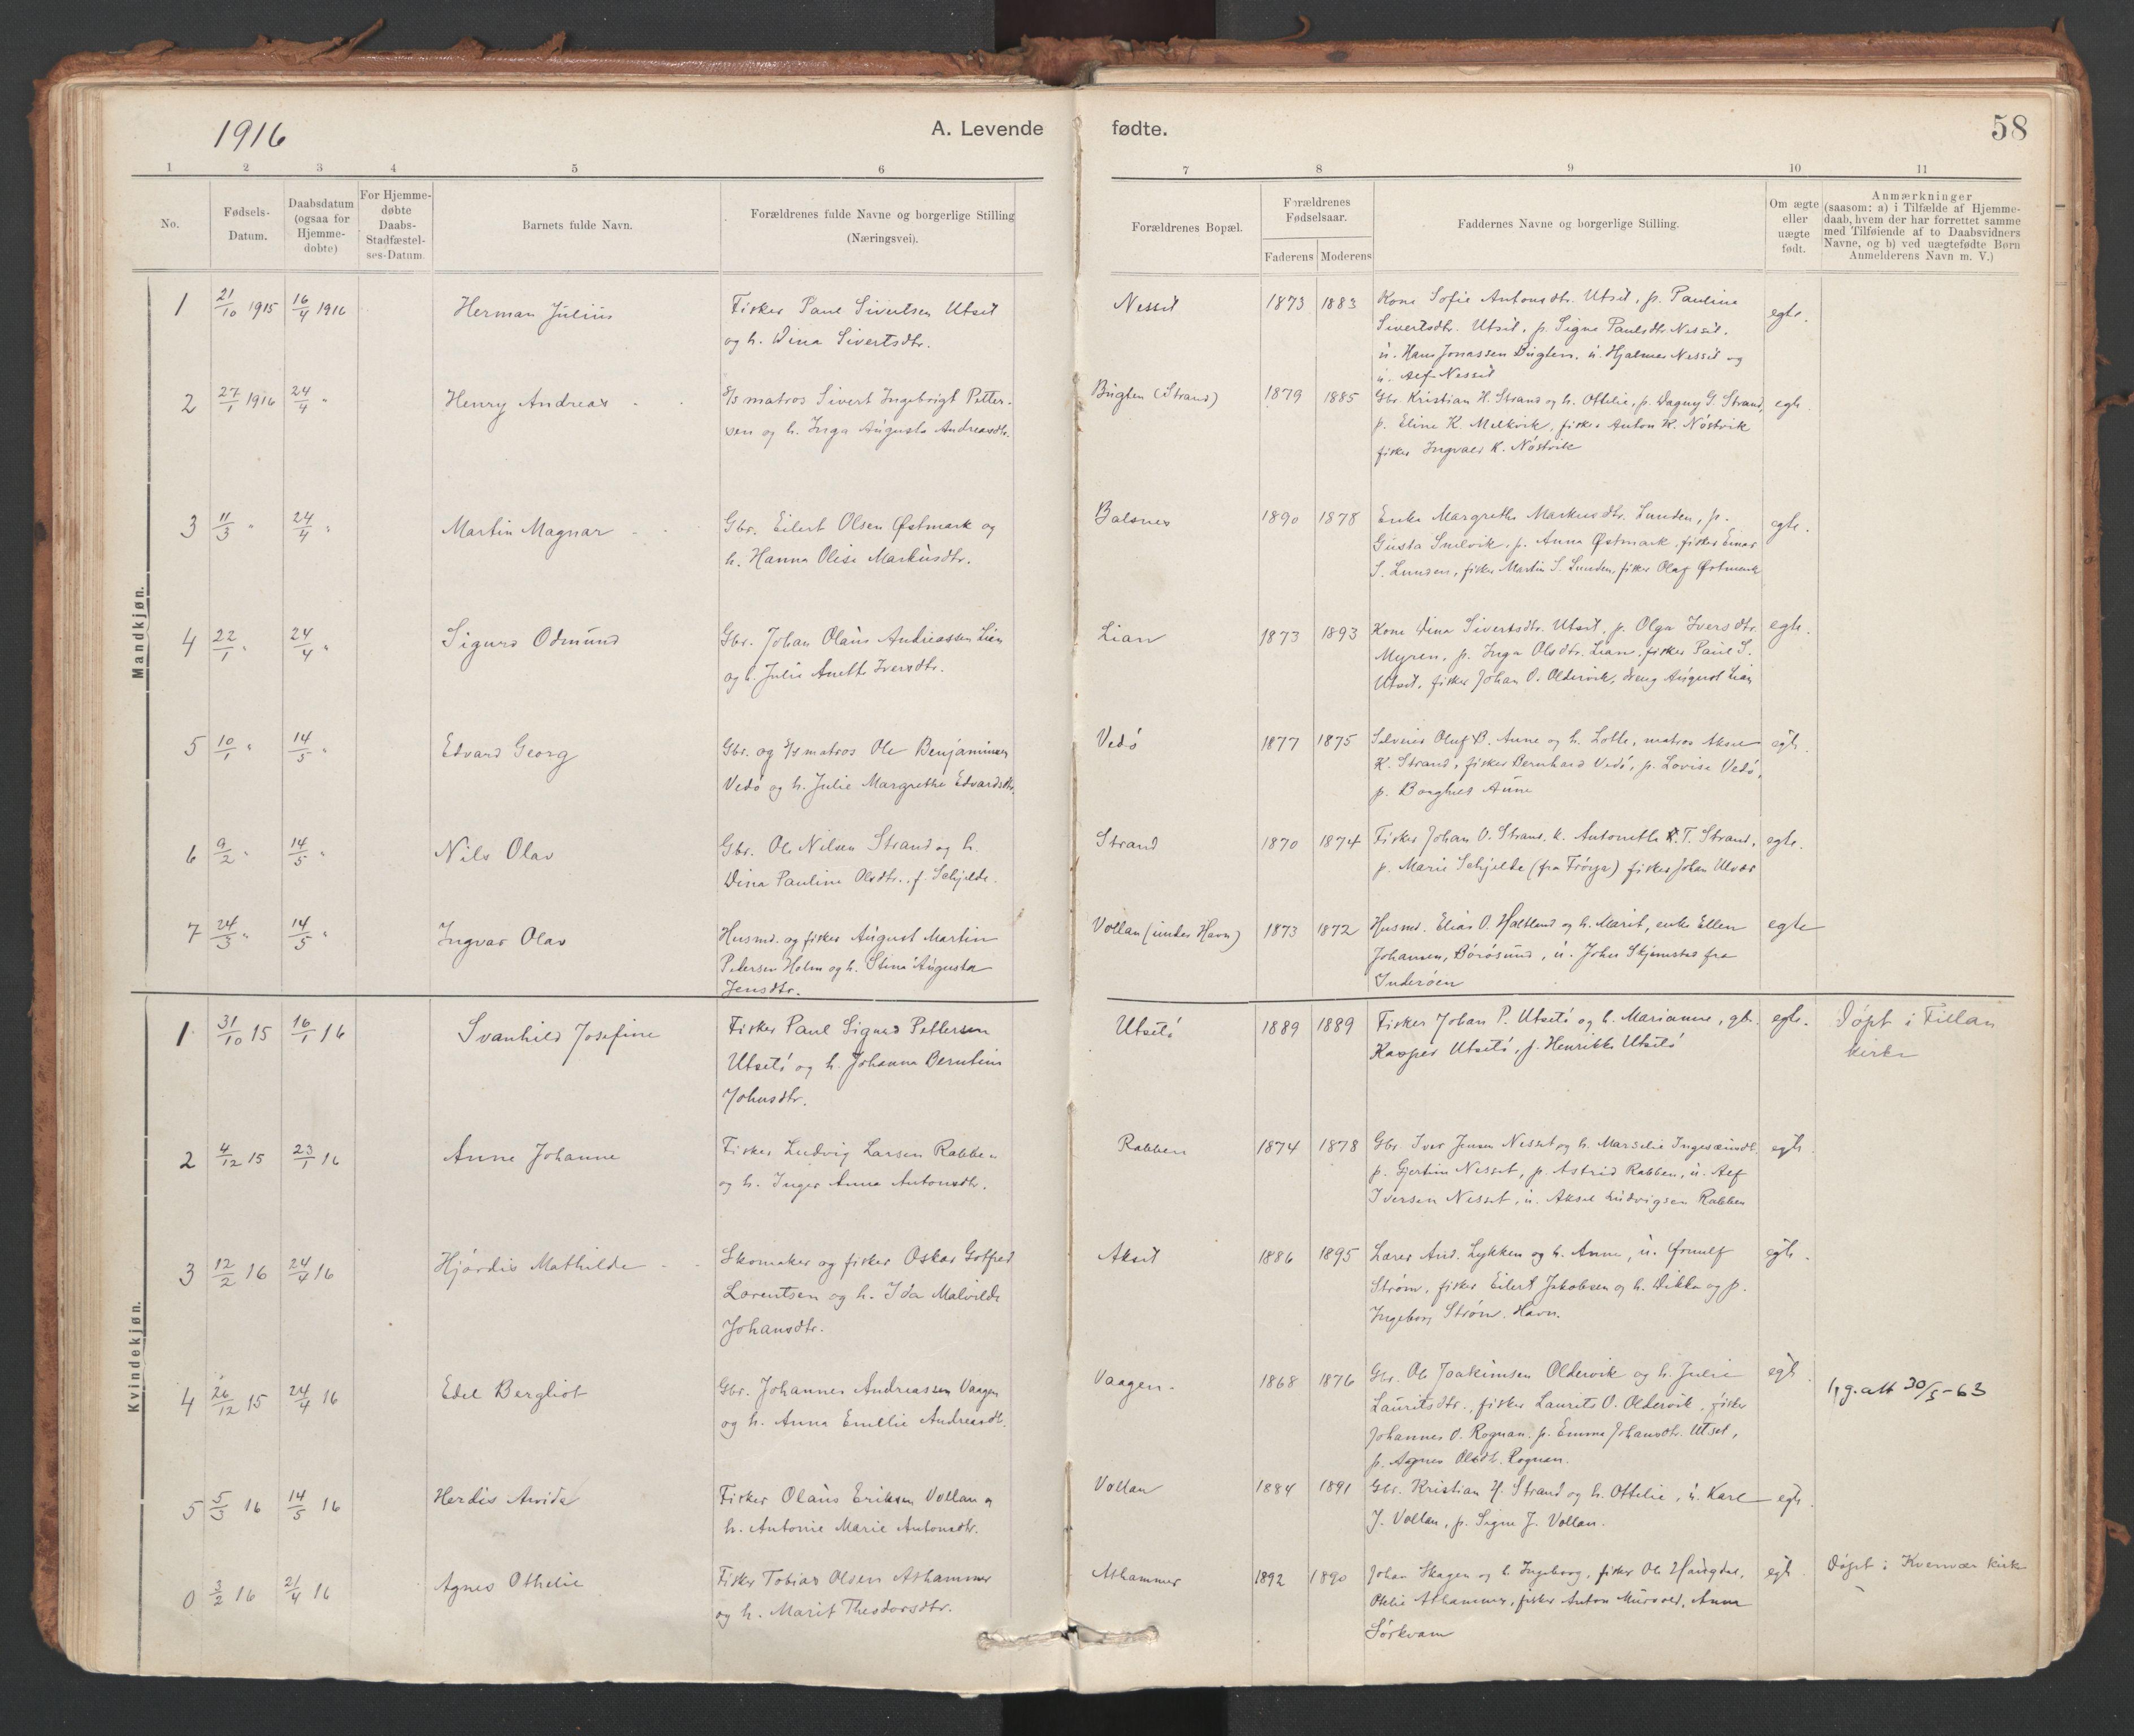 SAT, Ministerialprotokoller, klokkerbøker og fødselsregistre - Sør-Trøndelag, 639/L0572: Ministerialbok nr. 639A01, 1890-1920, s. 58